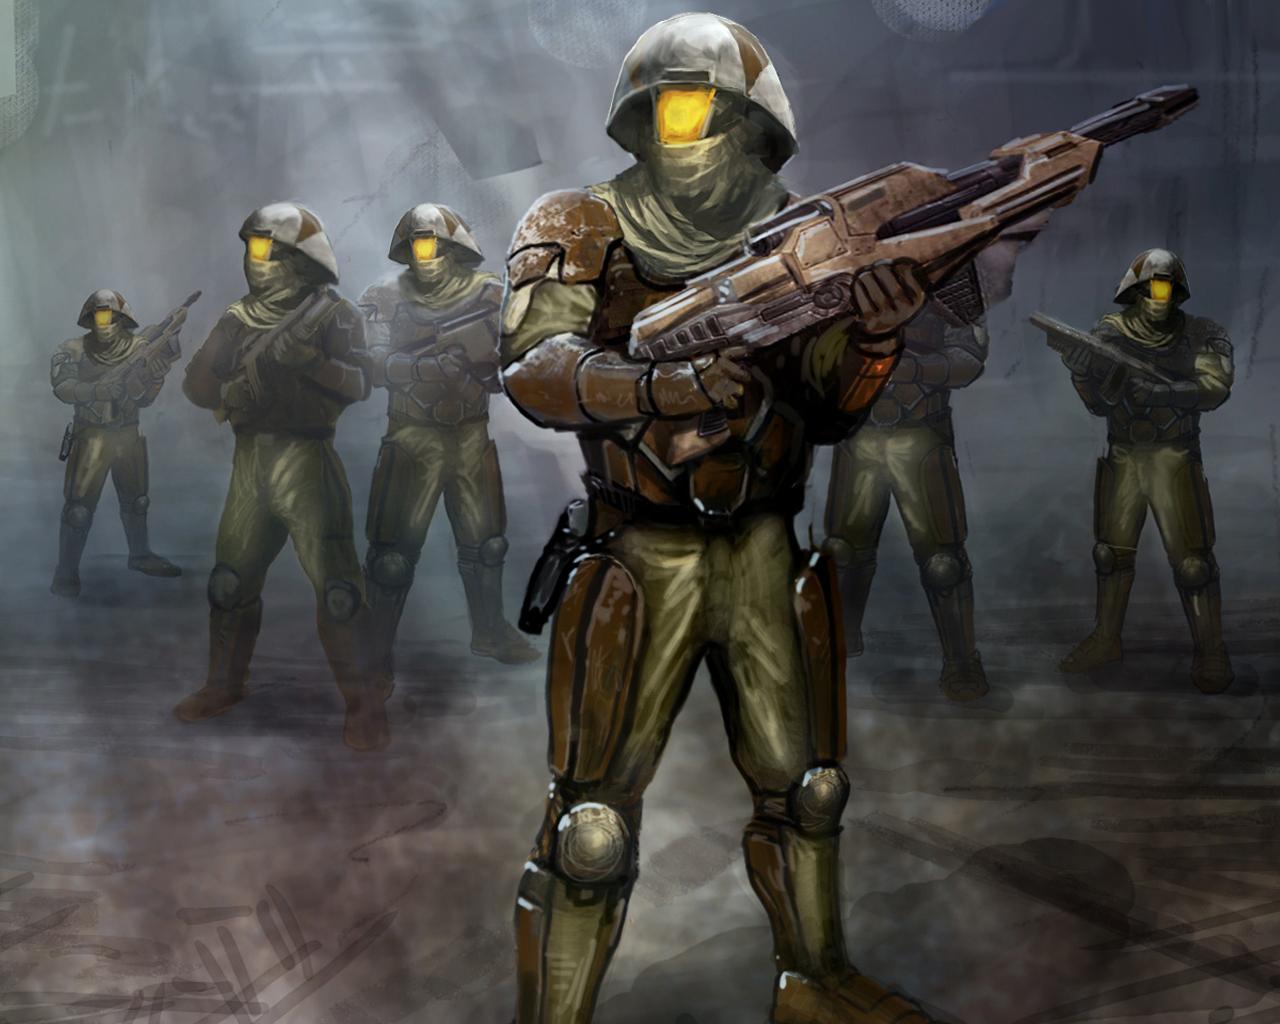 Alliance heavy troopers wearing rebel battle armor